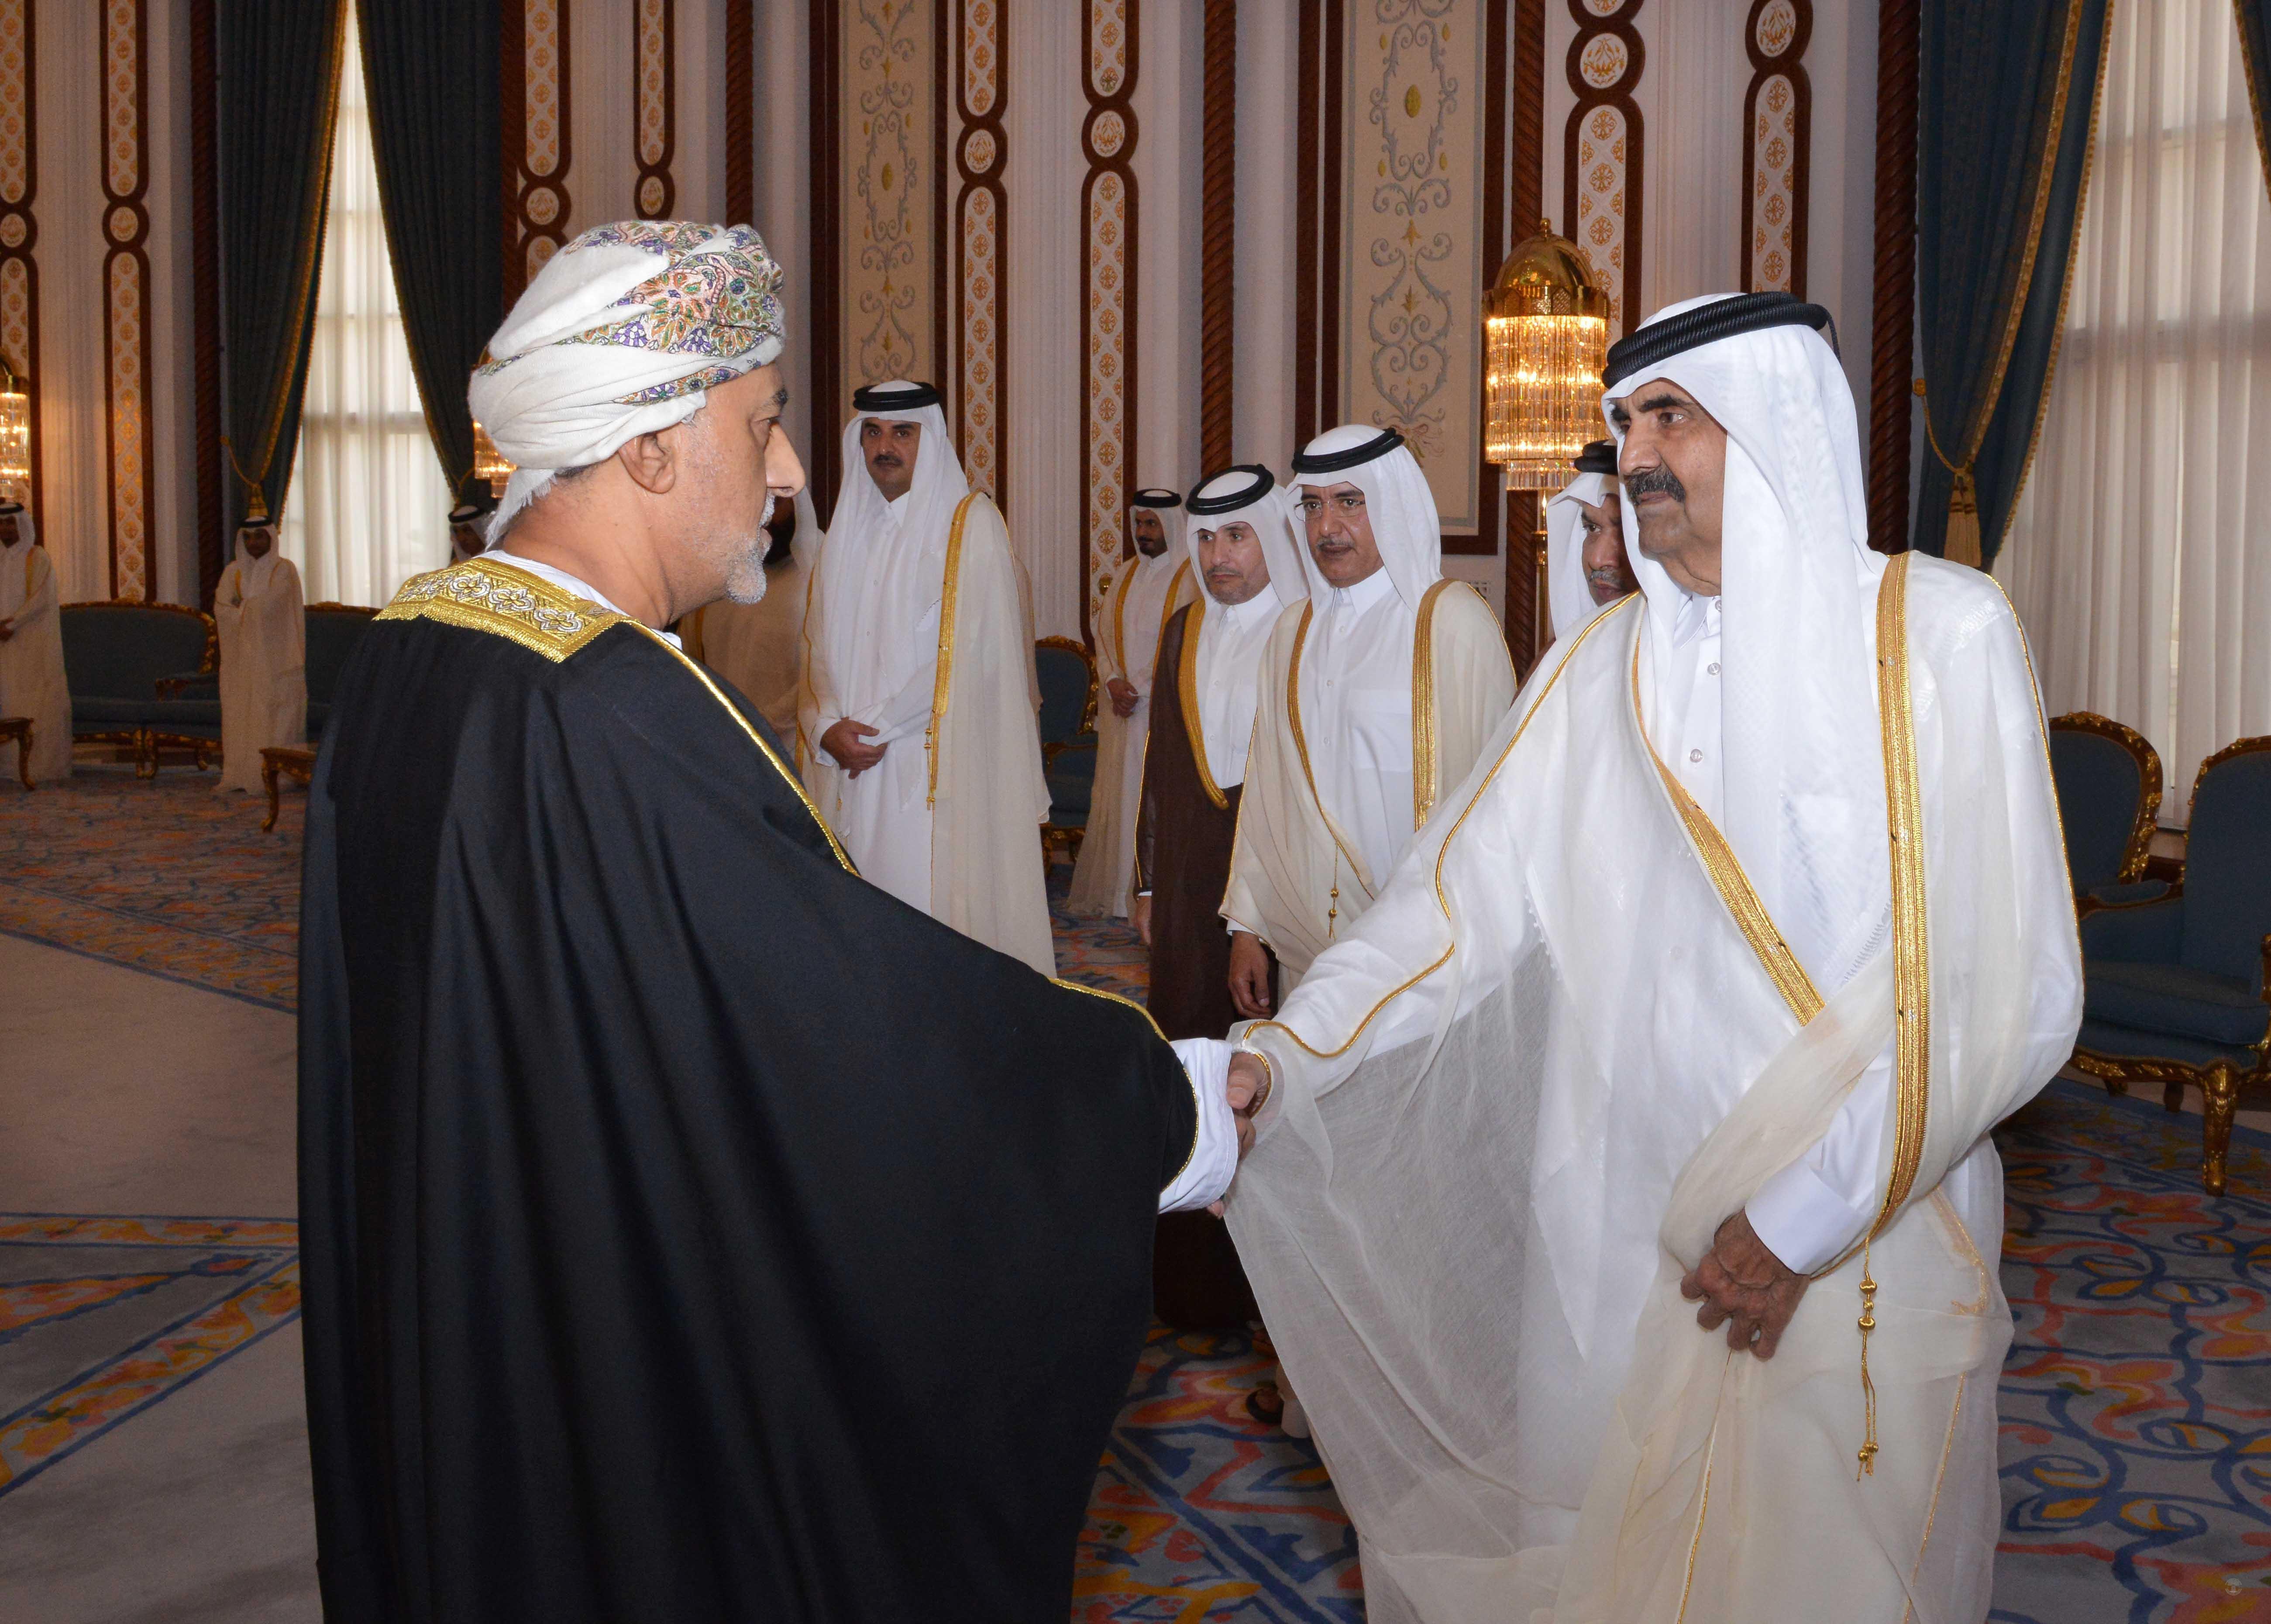 تعازي جلالة السلطان لأمير قطر ينقلها السيد شهاب بن طارق